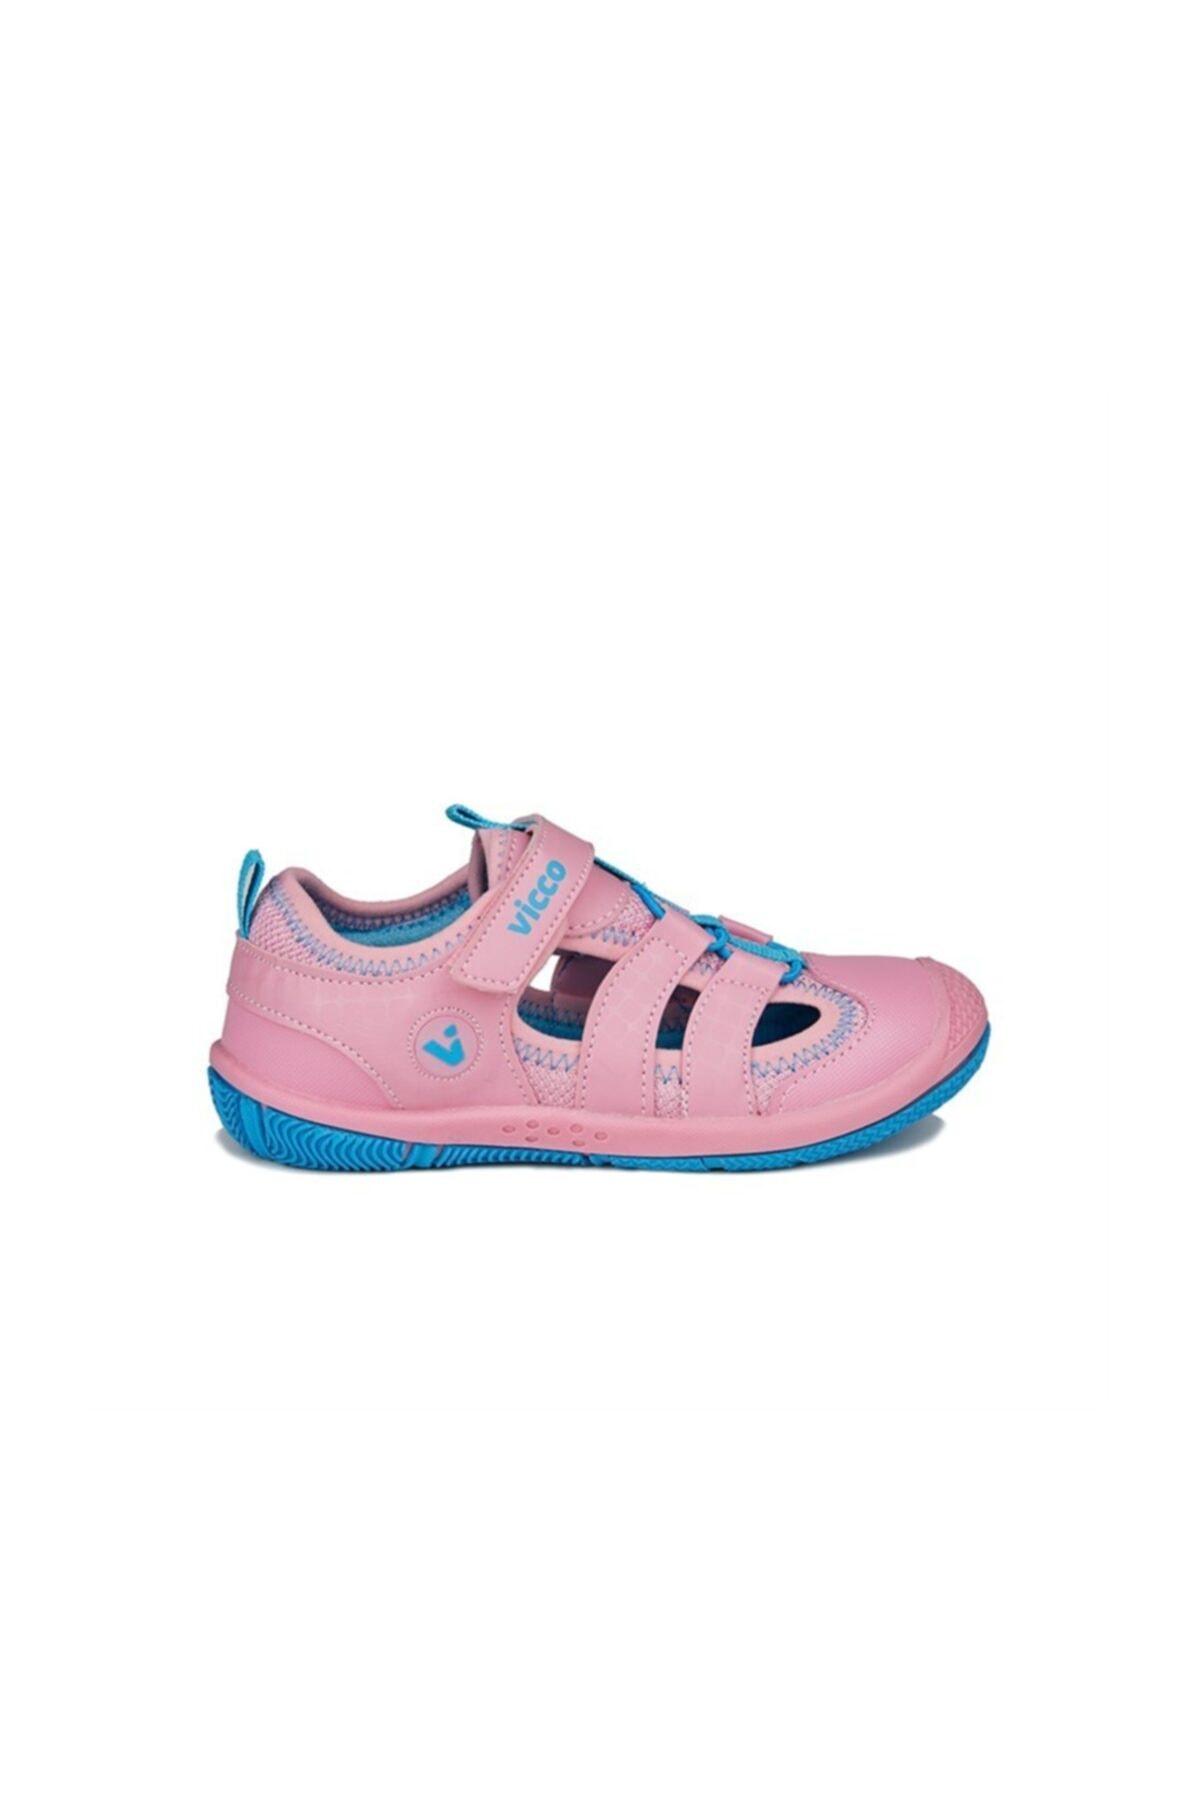 Vicco Sunny Sandalet Pembe 2